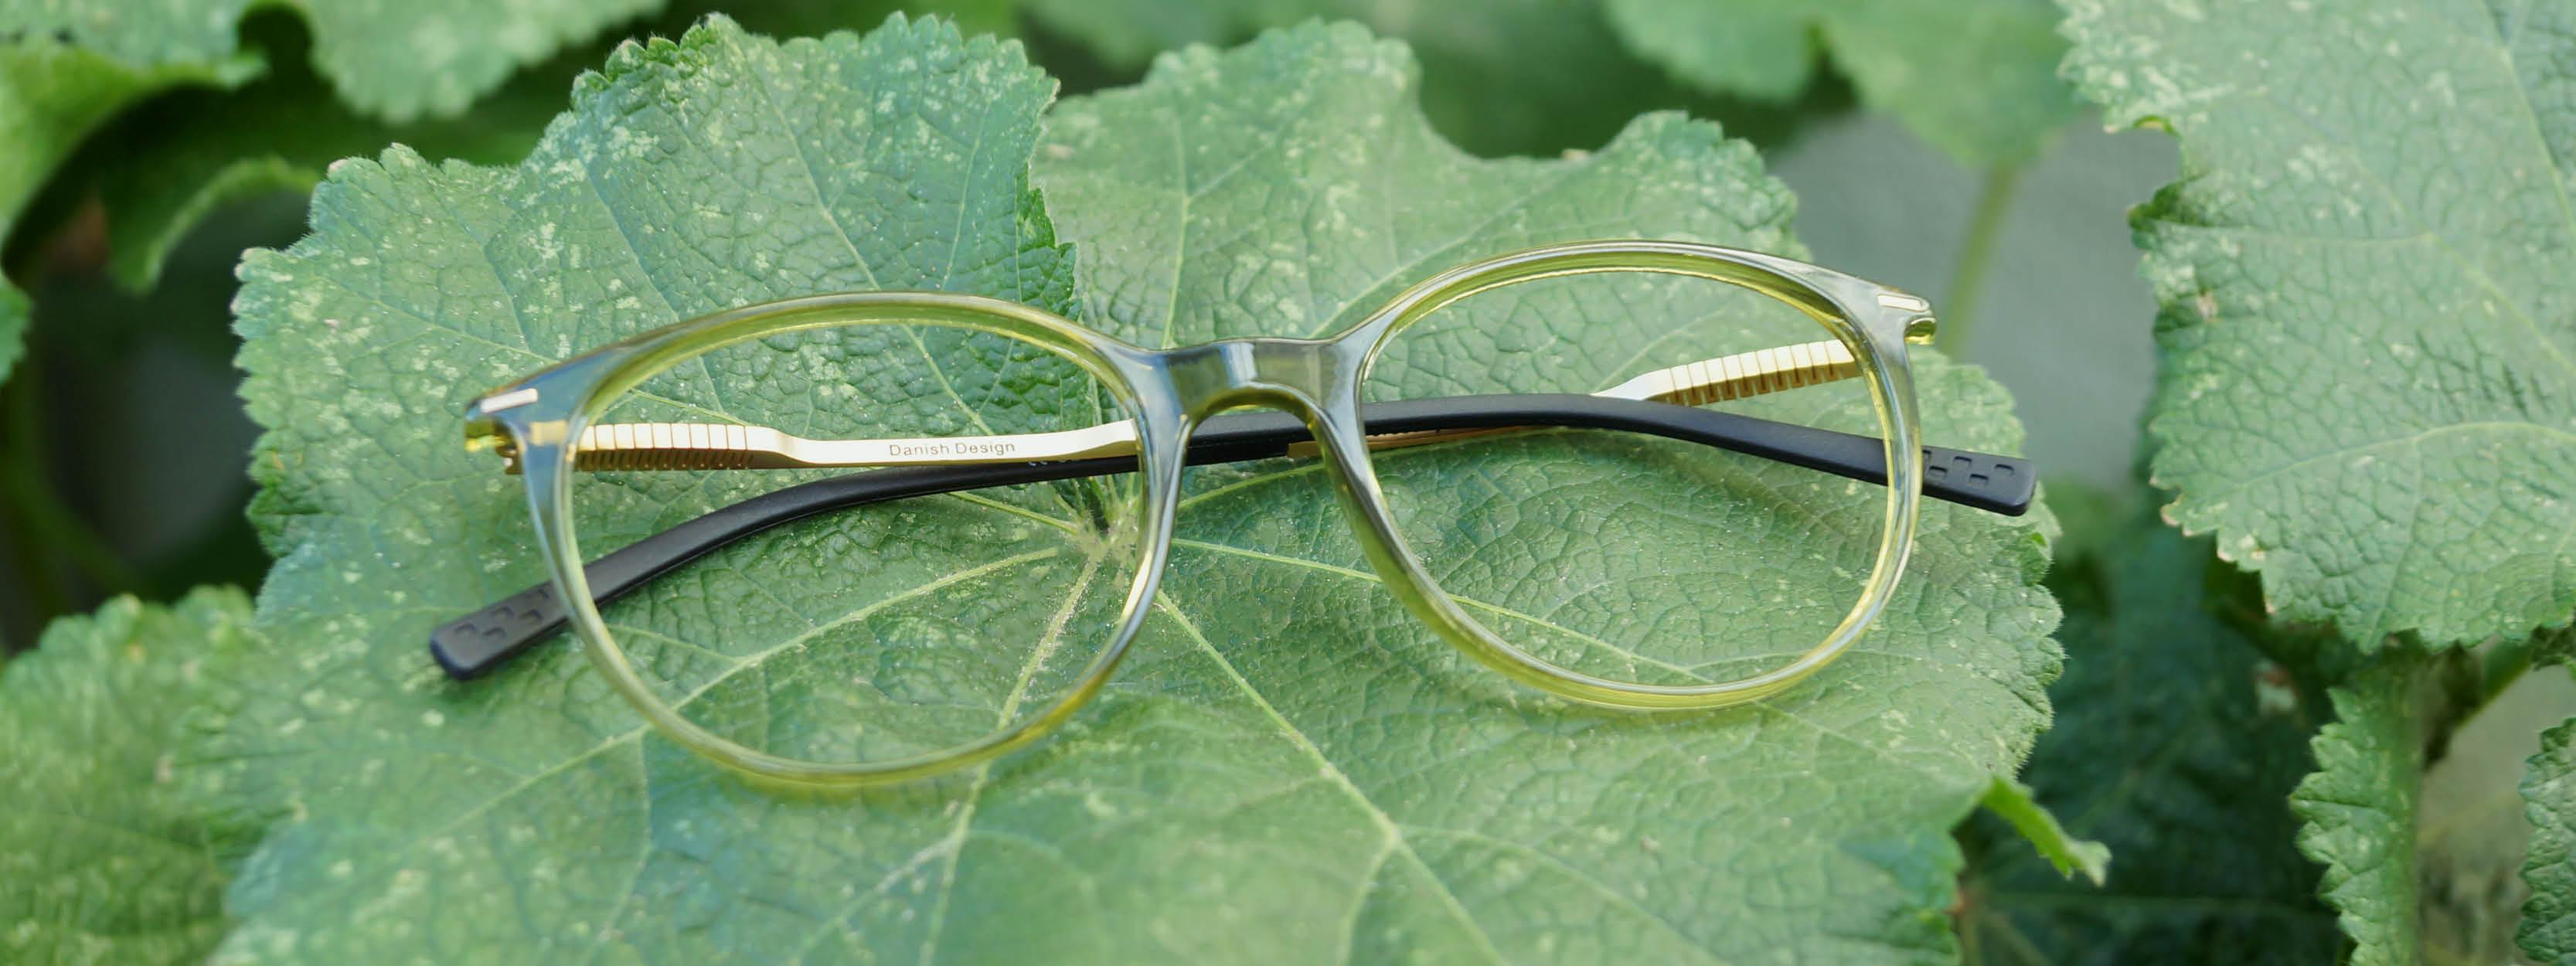 crosseyes aarhus optiker timelønnet